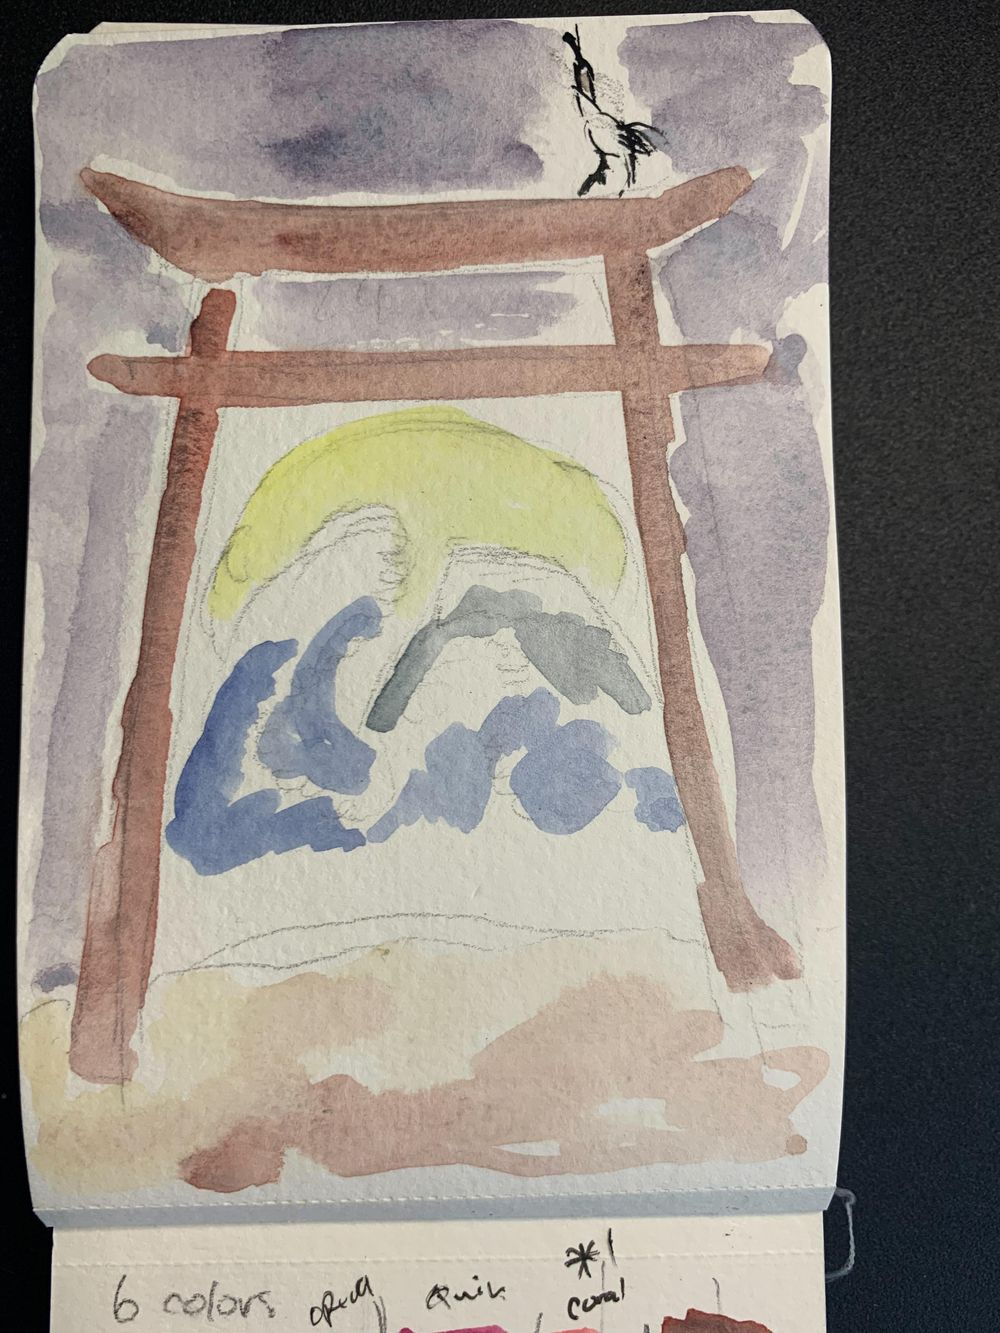 mystical japan landscape - image 2 - student project